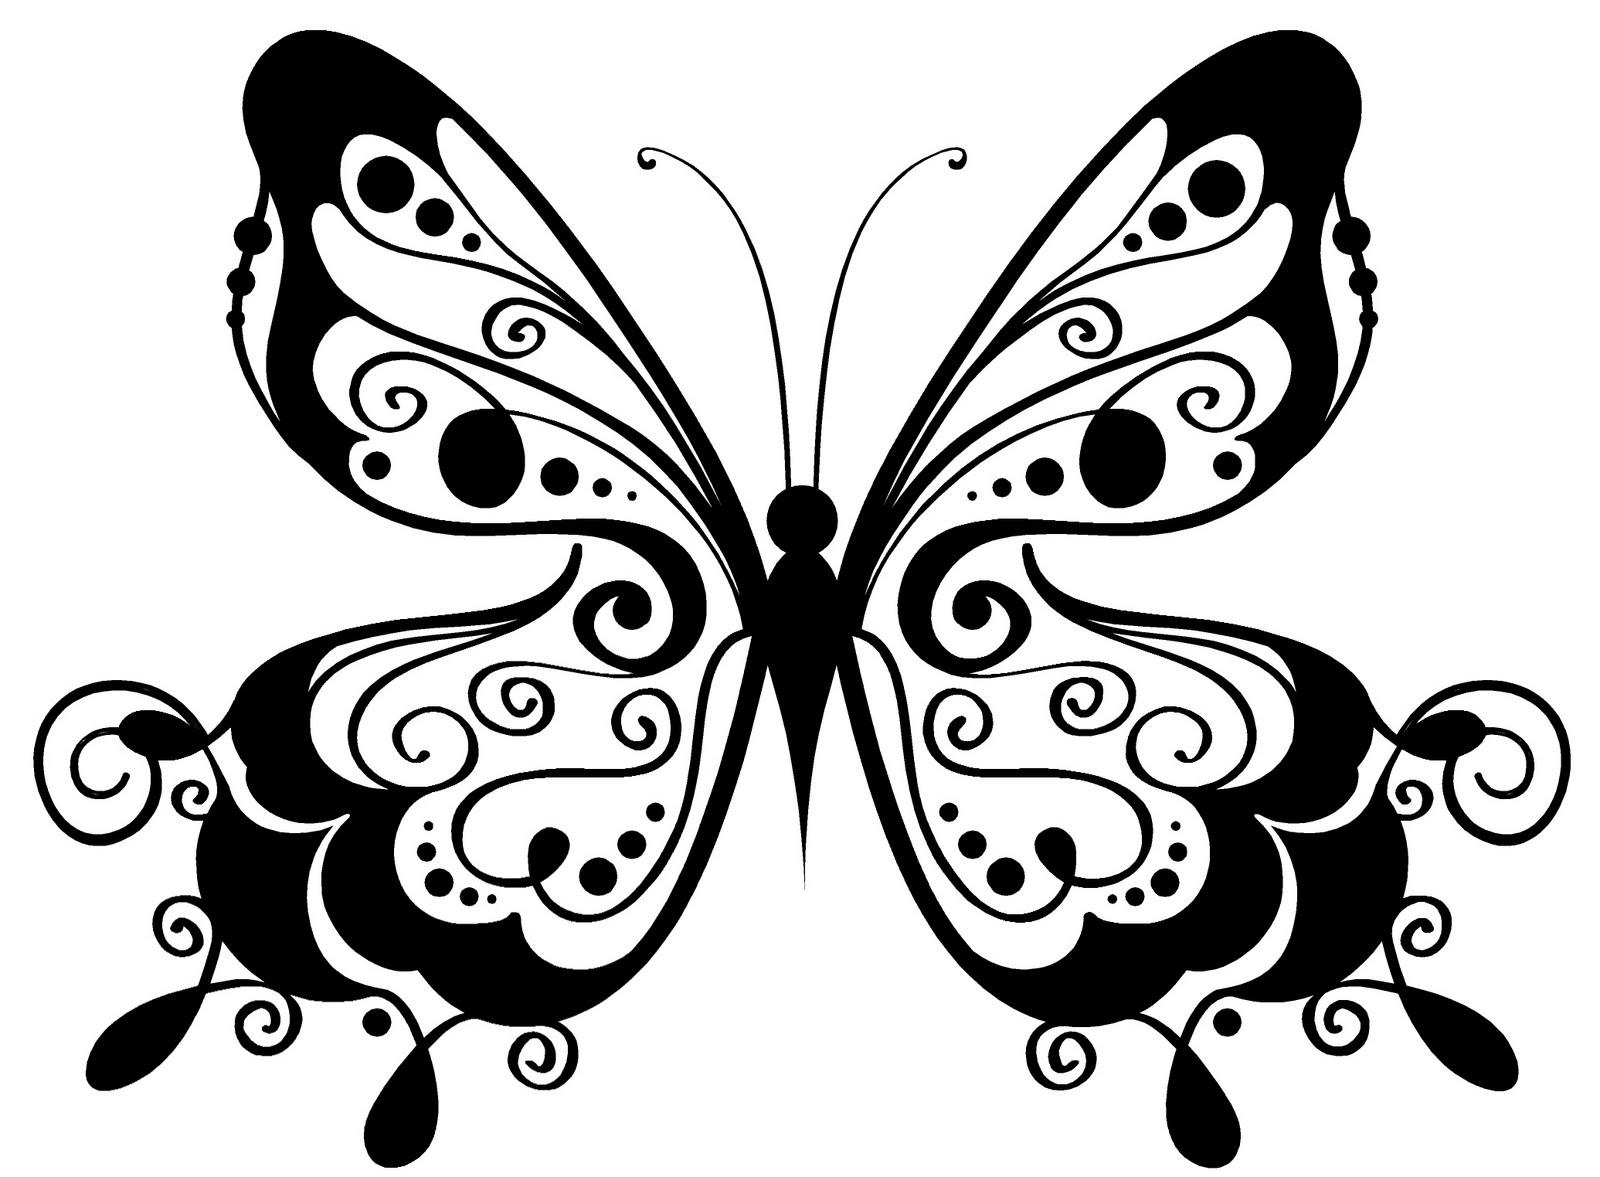 Dibujos para colorear imágenes de mariposas y flores hermosas ...